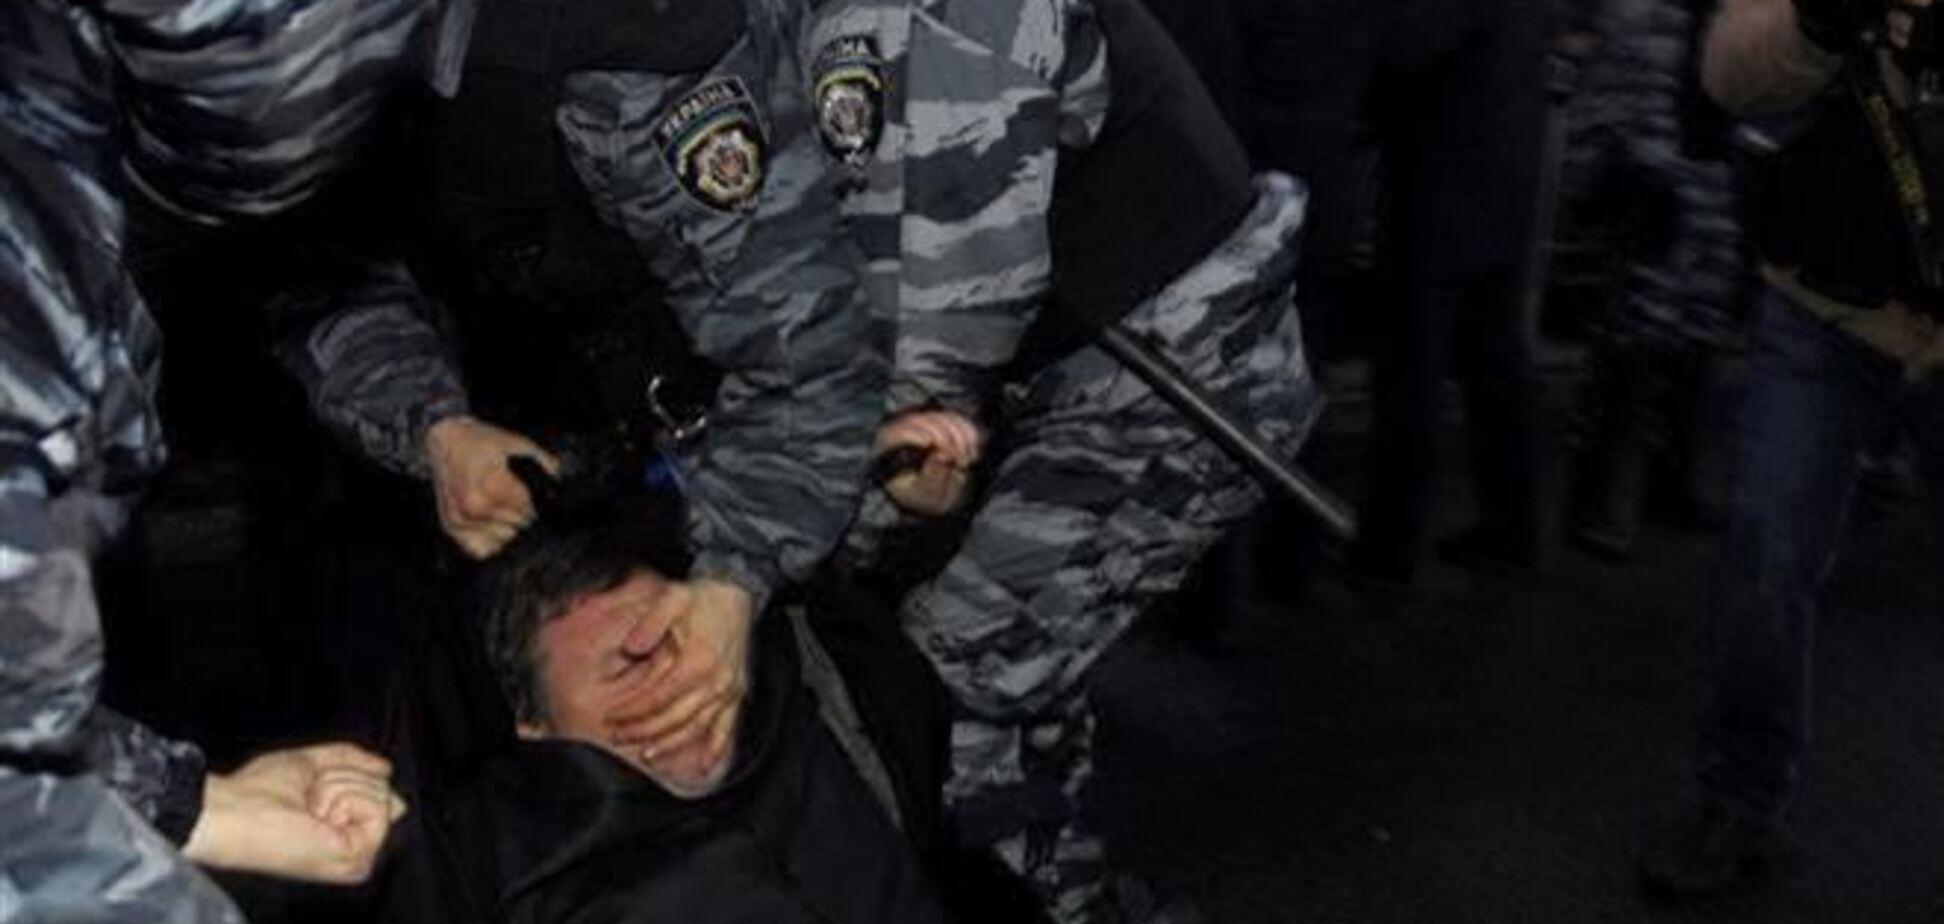 Глава МВД Украины пообещал жестко реагировать на угрозы в адрес силовиков и их семей